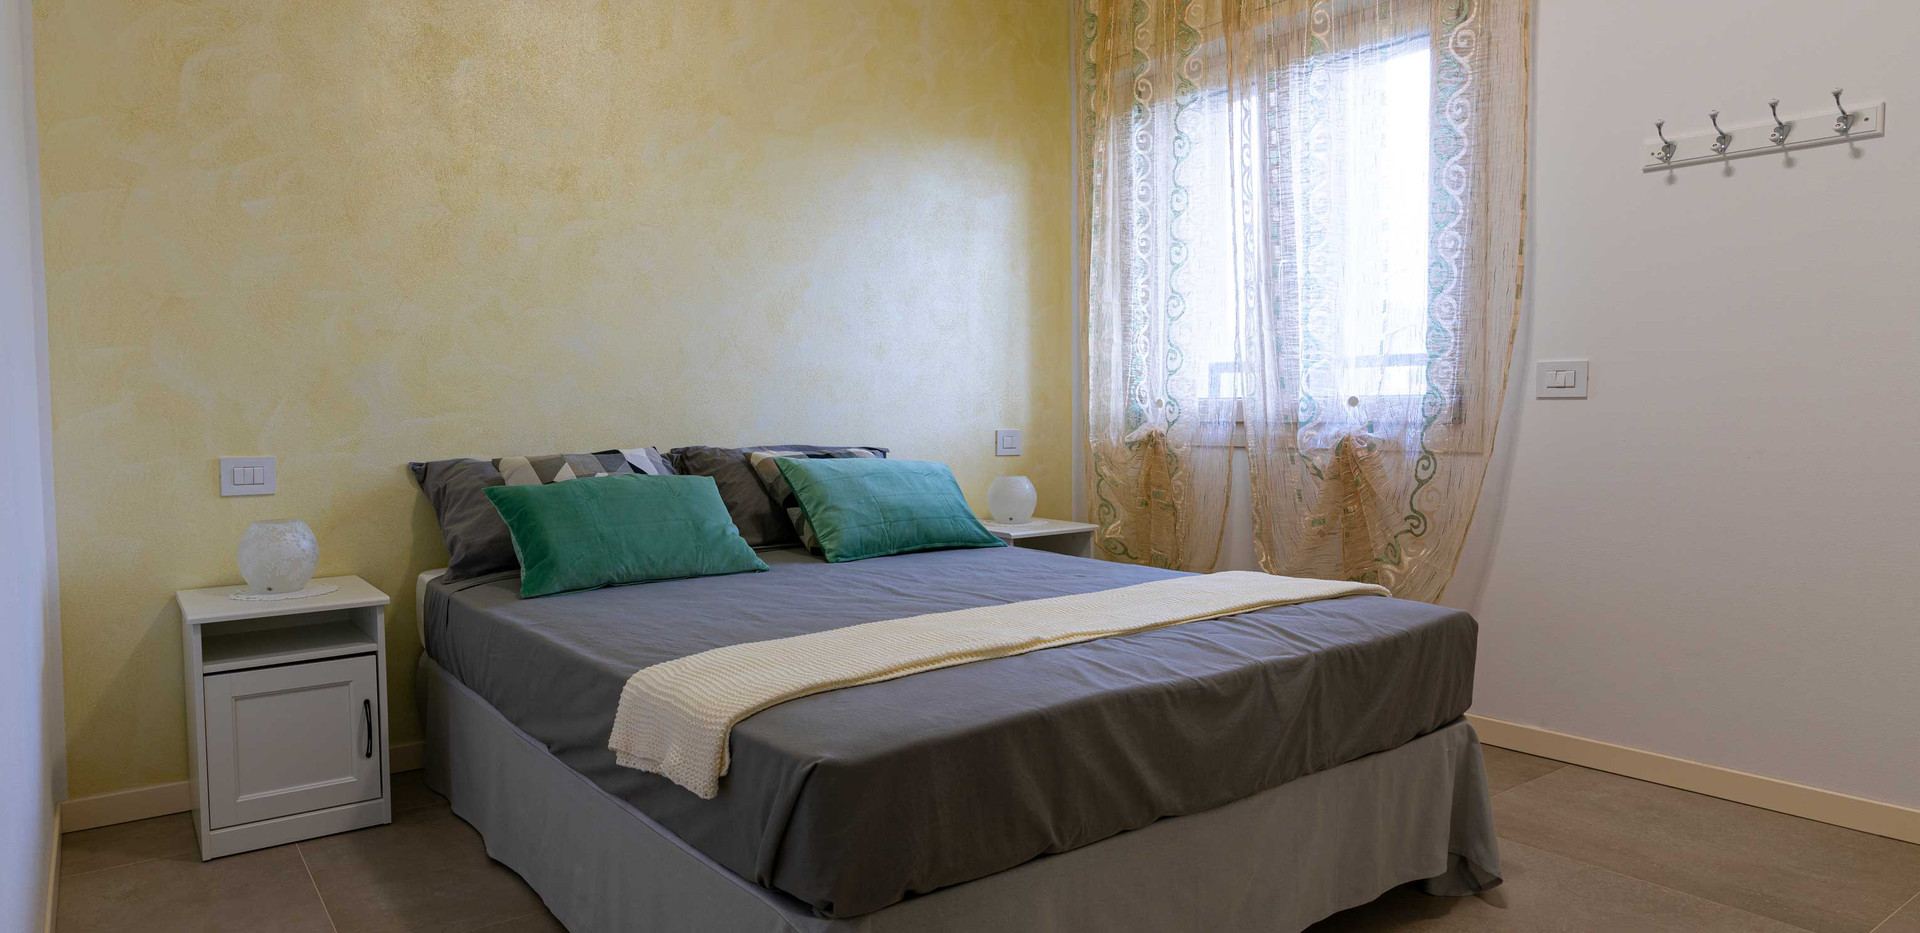 Profumo_di_casa_appartamento_loto_camera